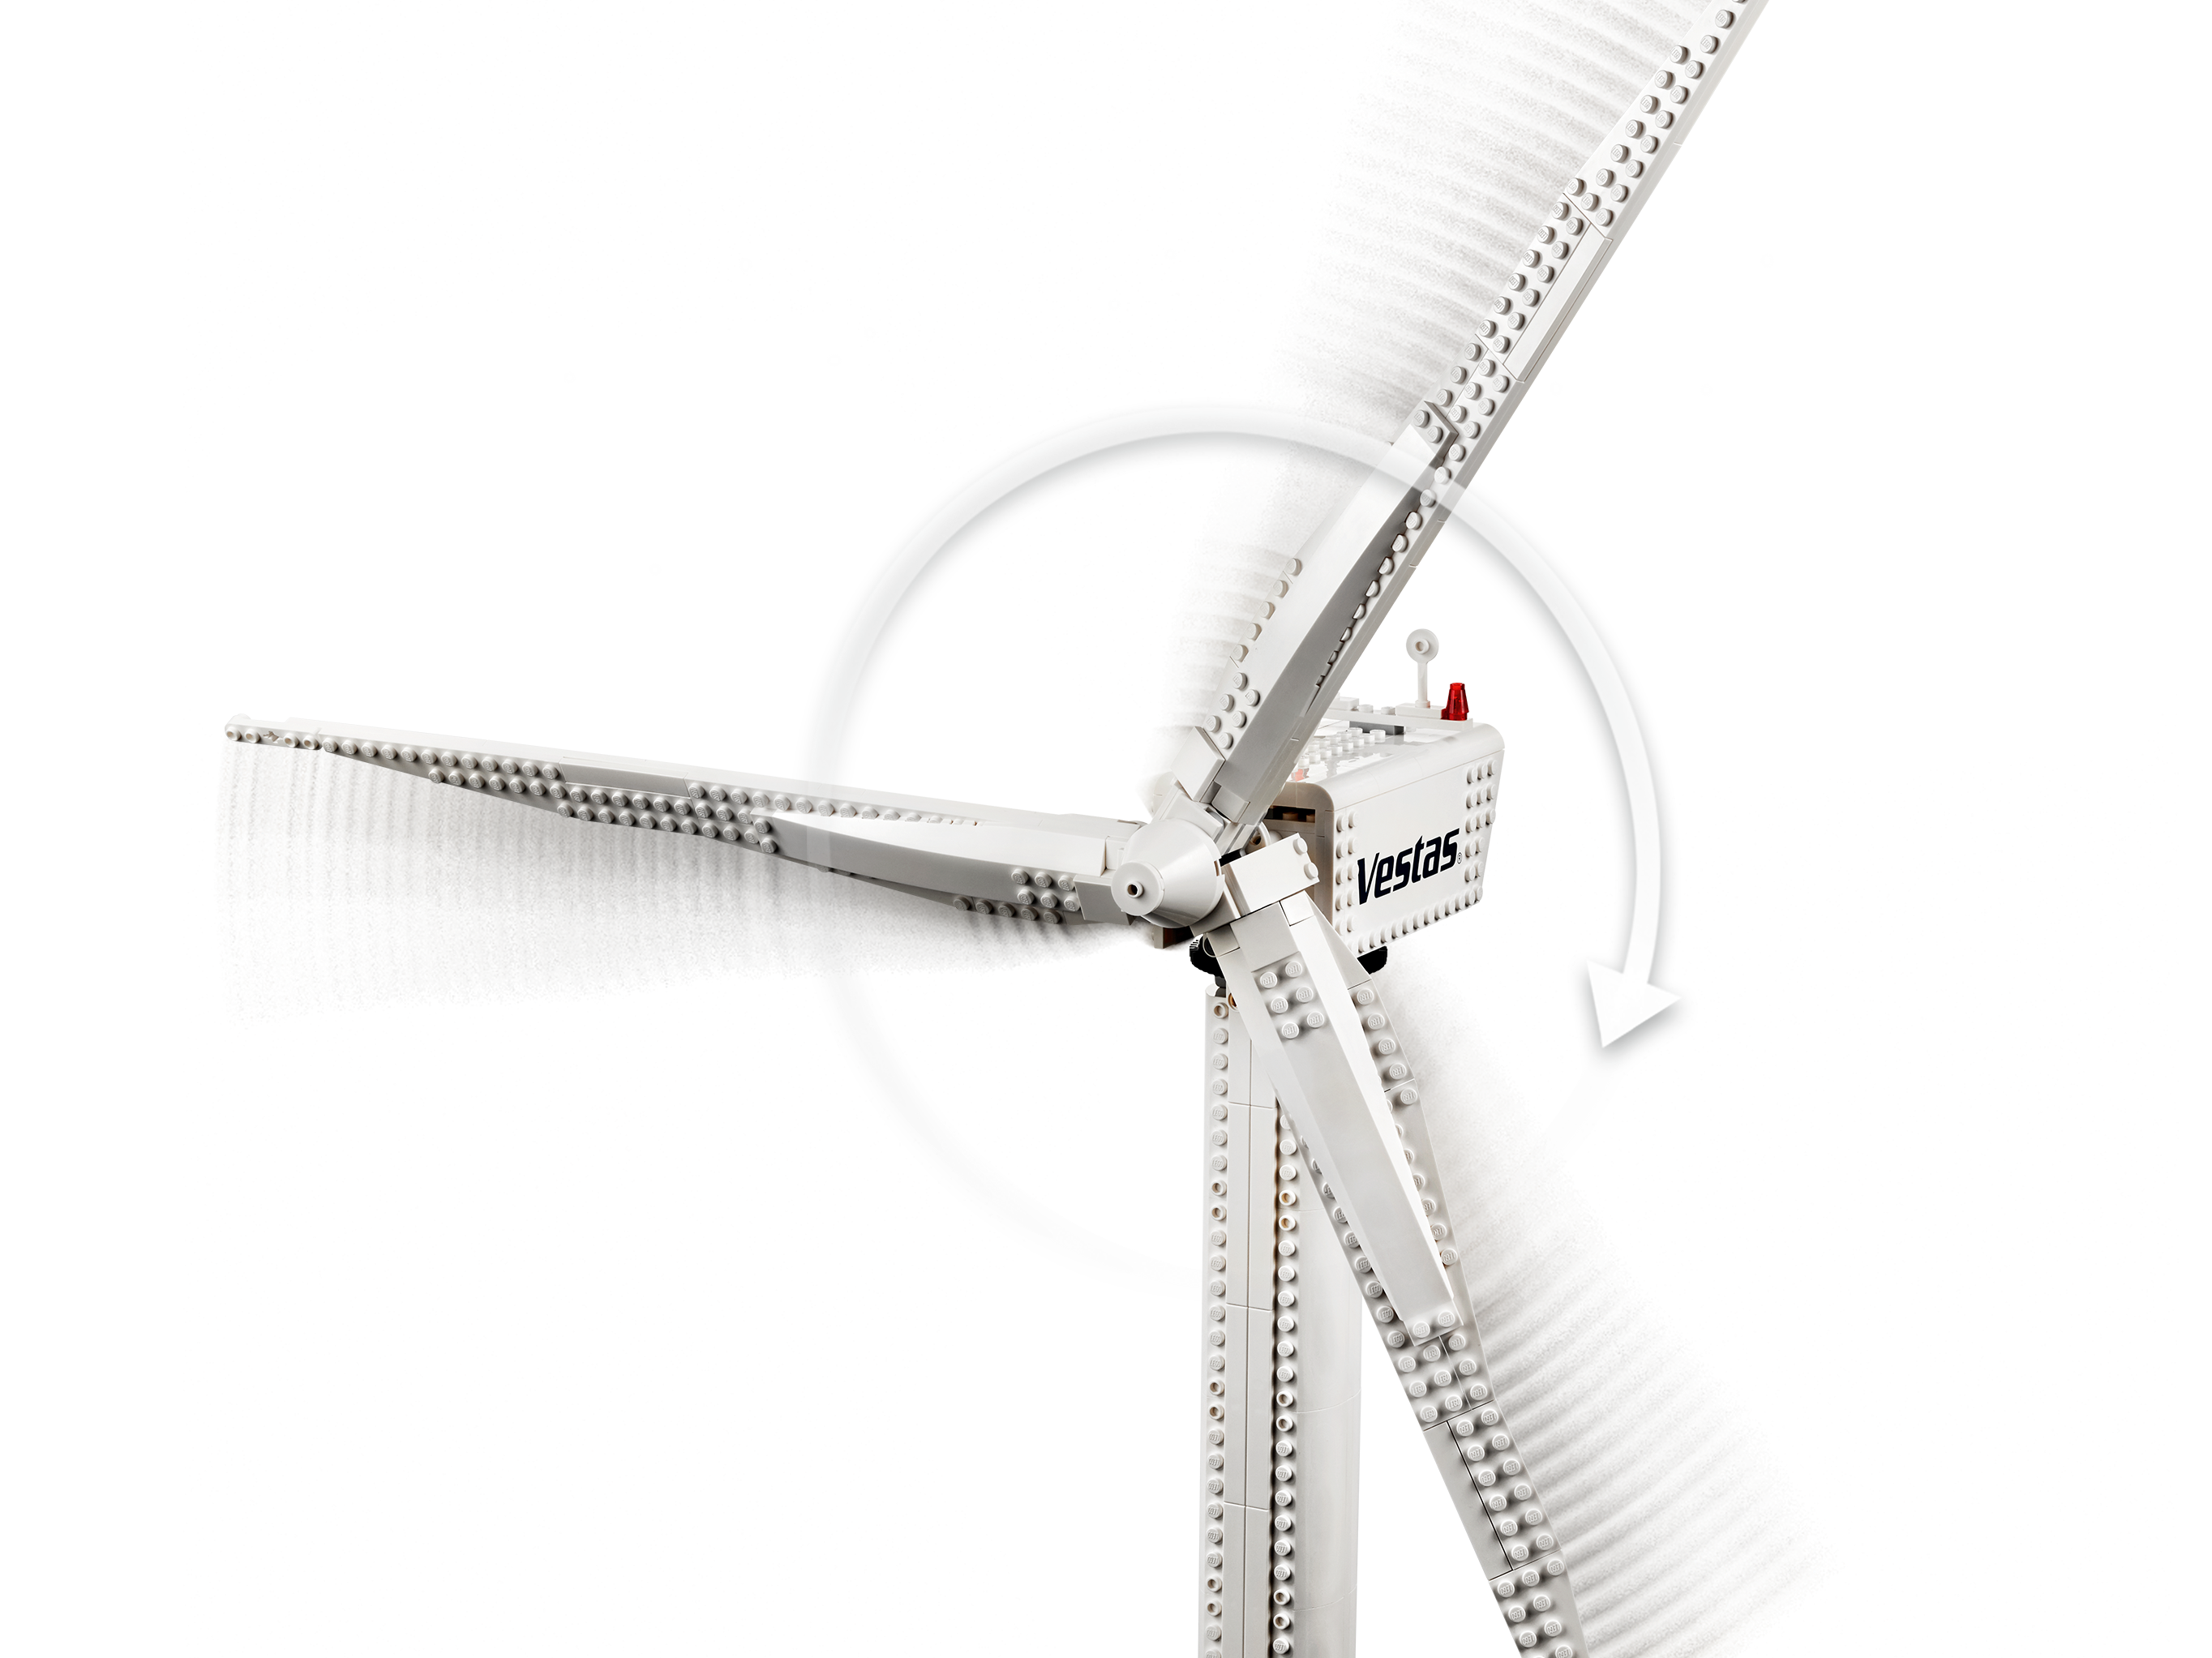 Vestas Wind Turbine Ad Vestas Paid Wind Turbine Turbine Wind Turbine Wind